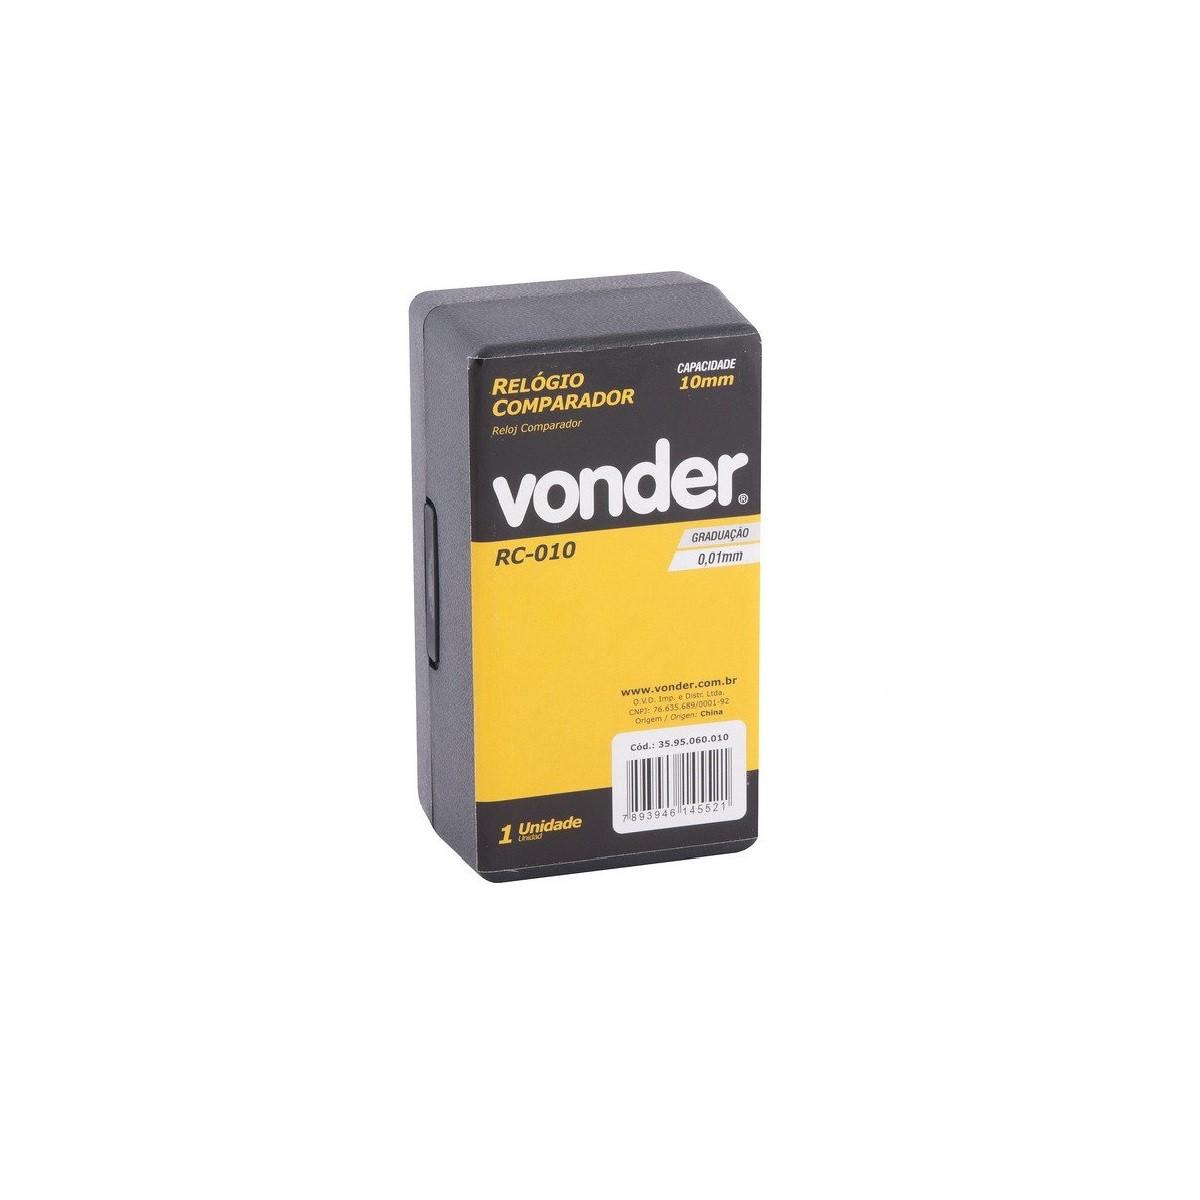 Relógio comparador analógico 10mm RC010 VONDER